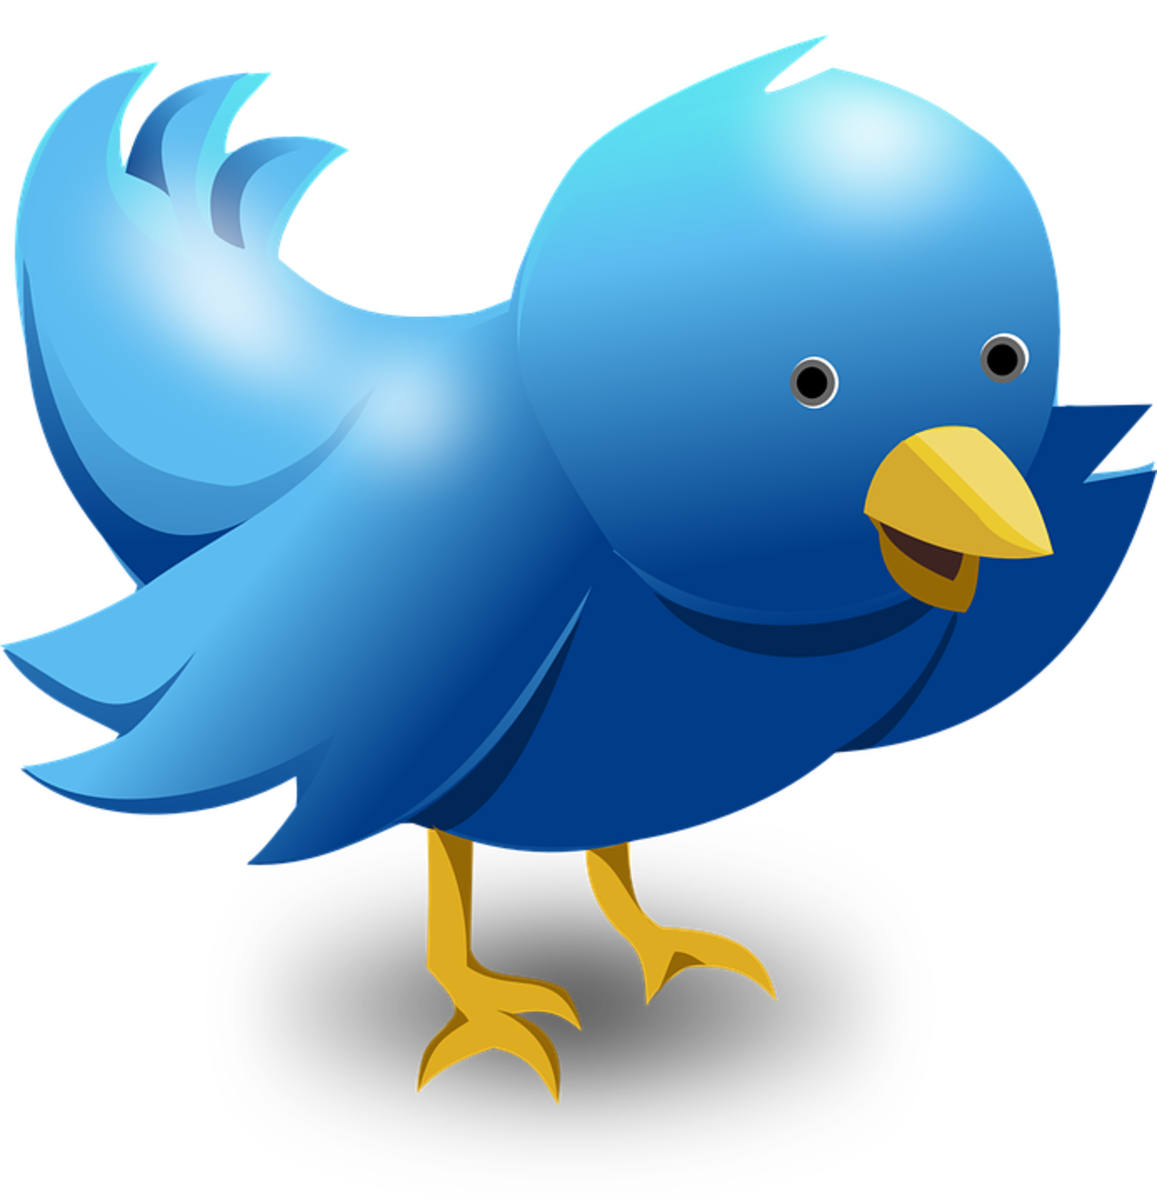 Popular Daily Trending #Hashtags for Twitter